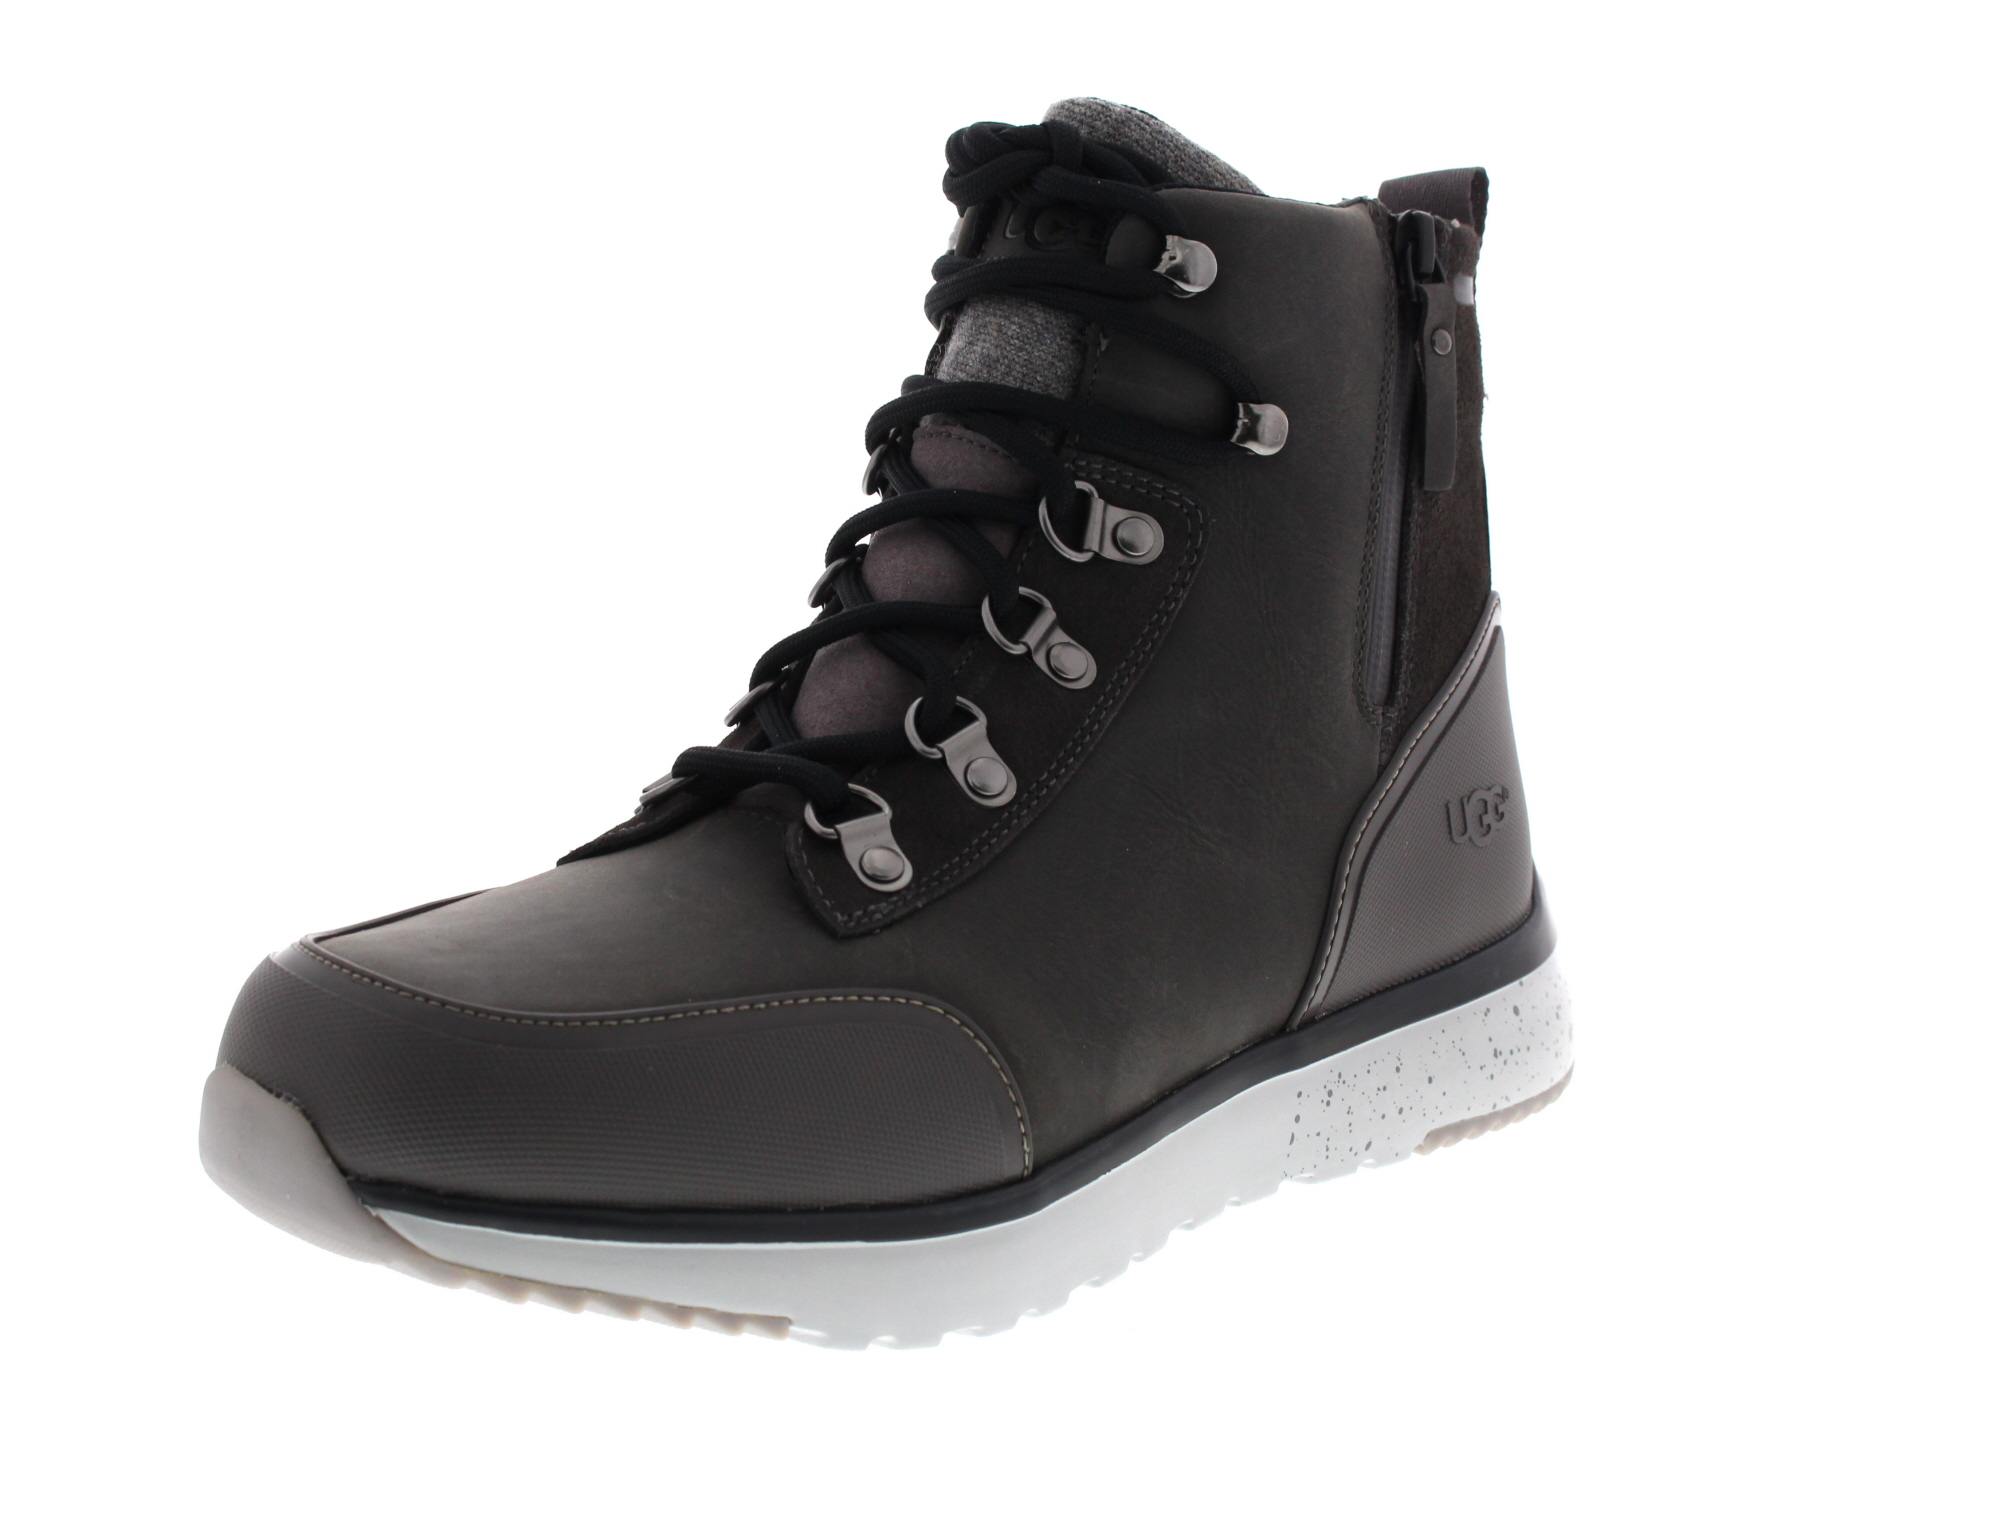 UGG Herrenschuhe - Stiefel CAULDER BOOT - dark grey_0